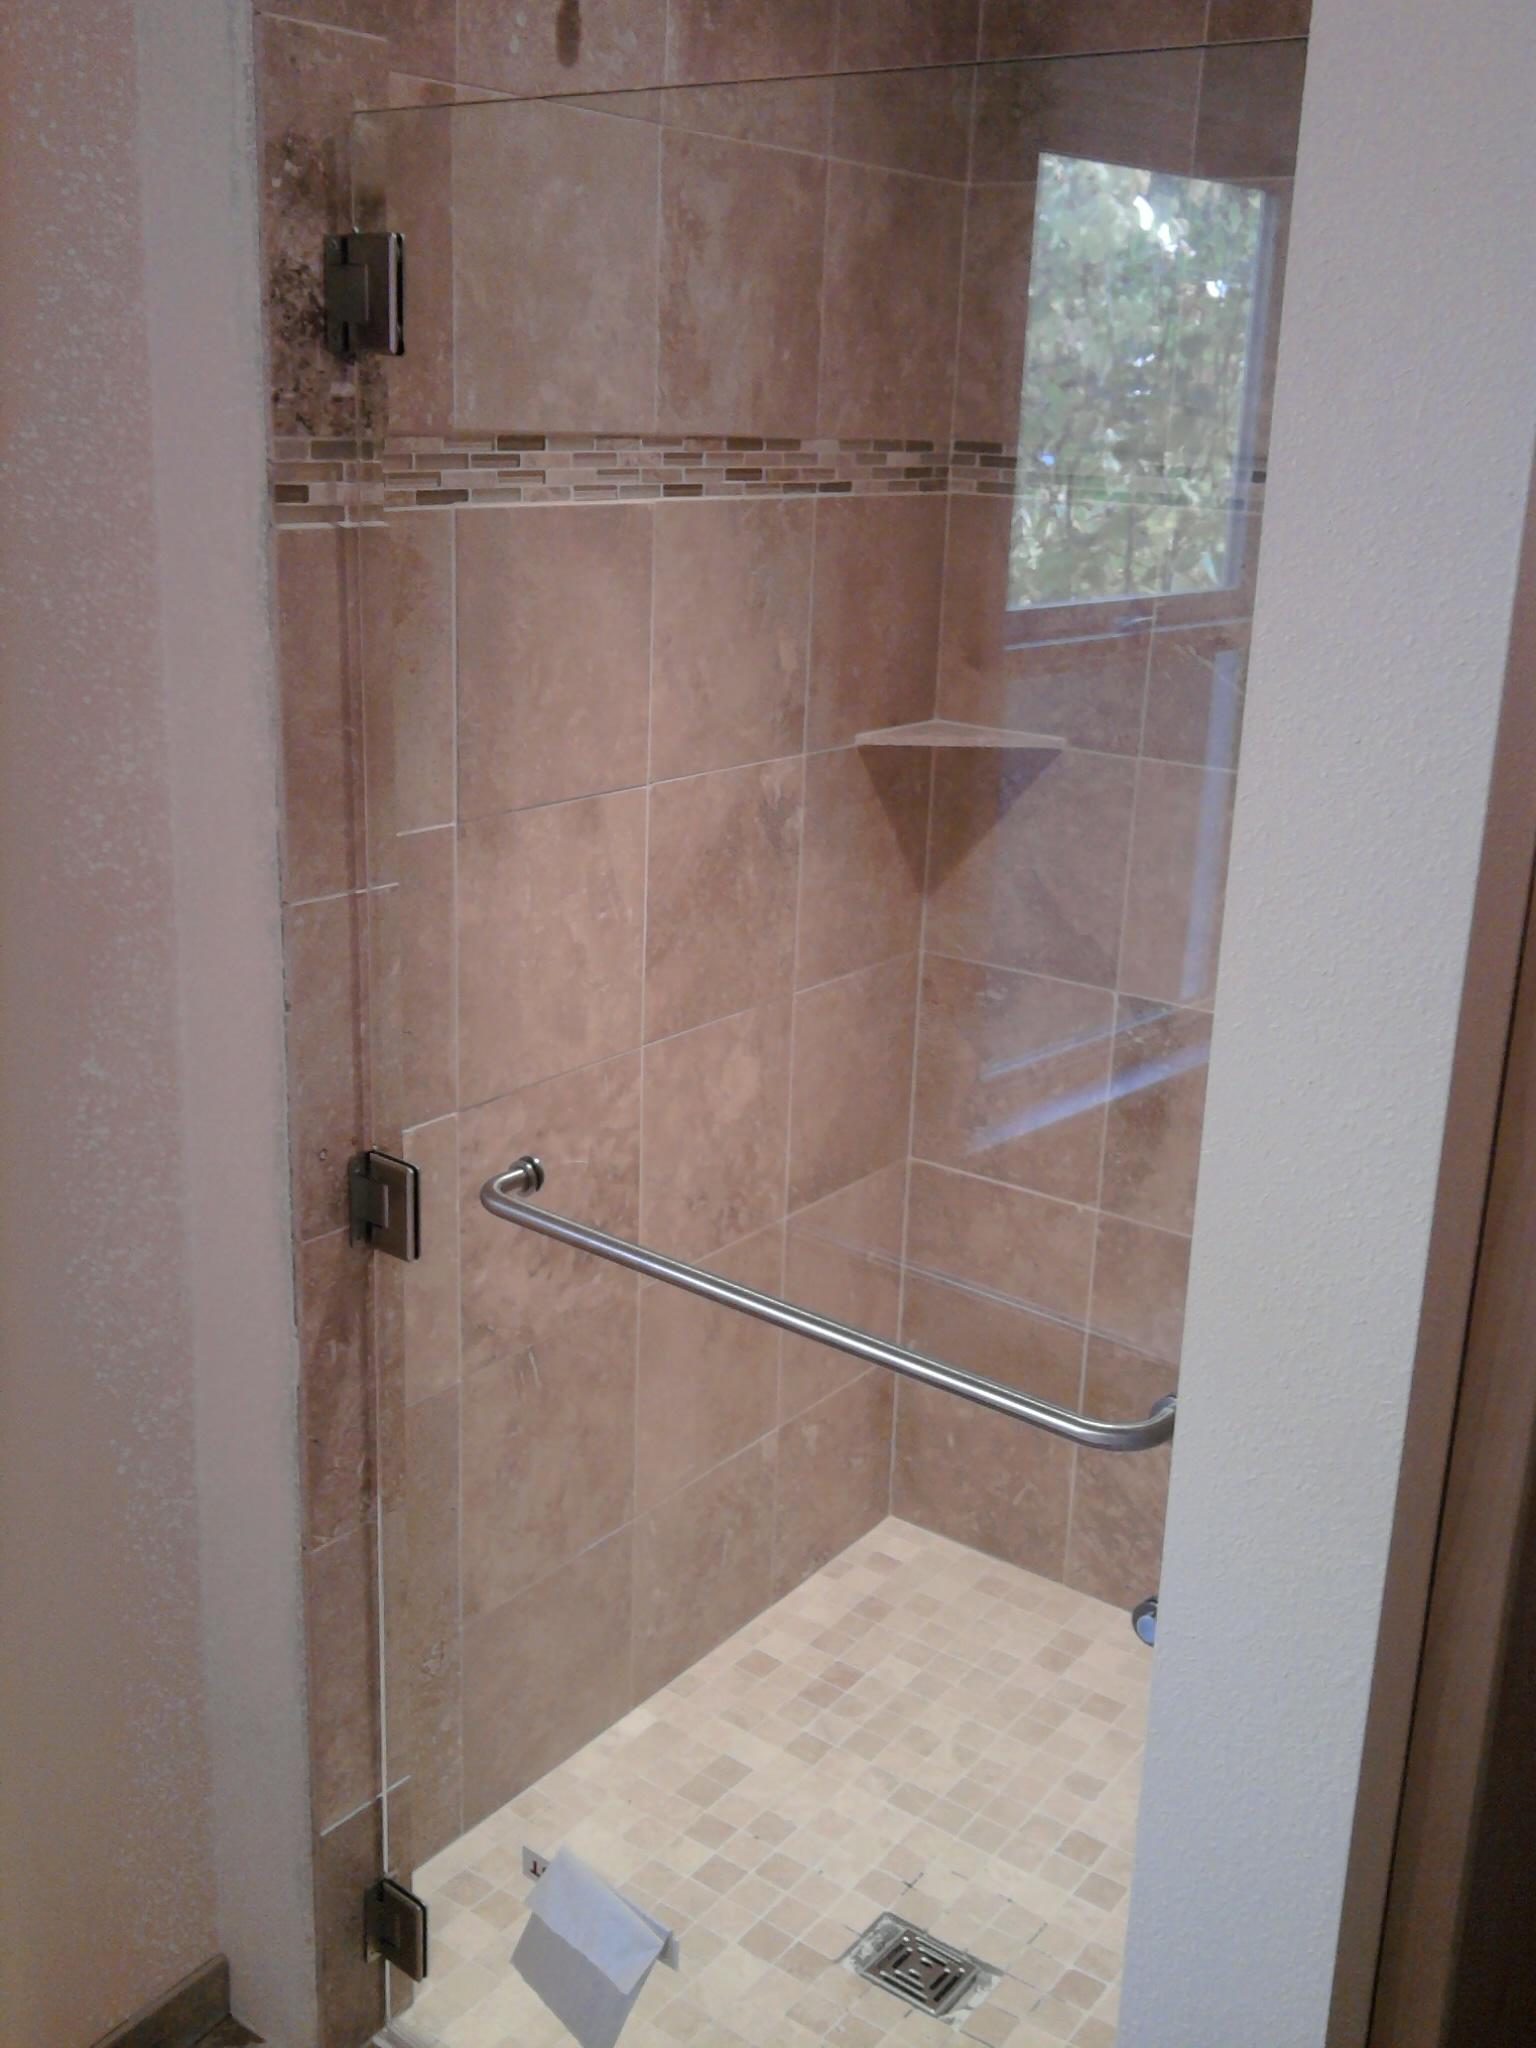 Glass shower door installed. - Old School Renovations, Inc.